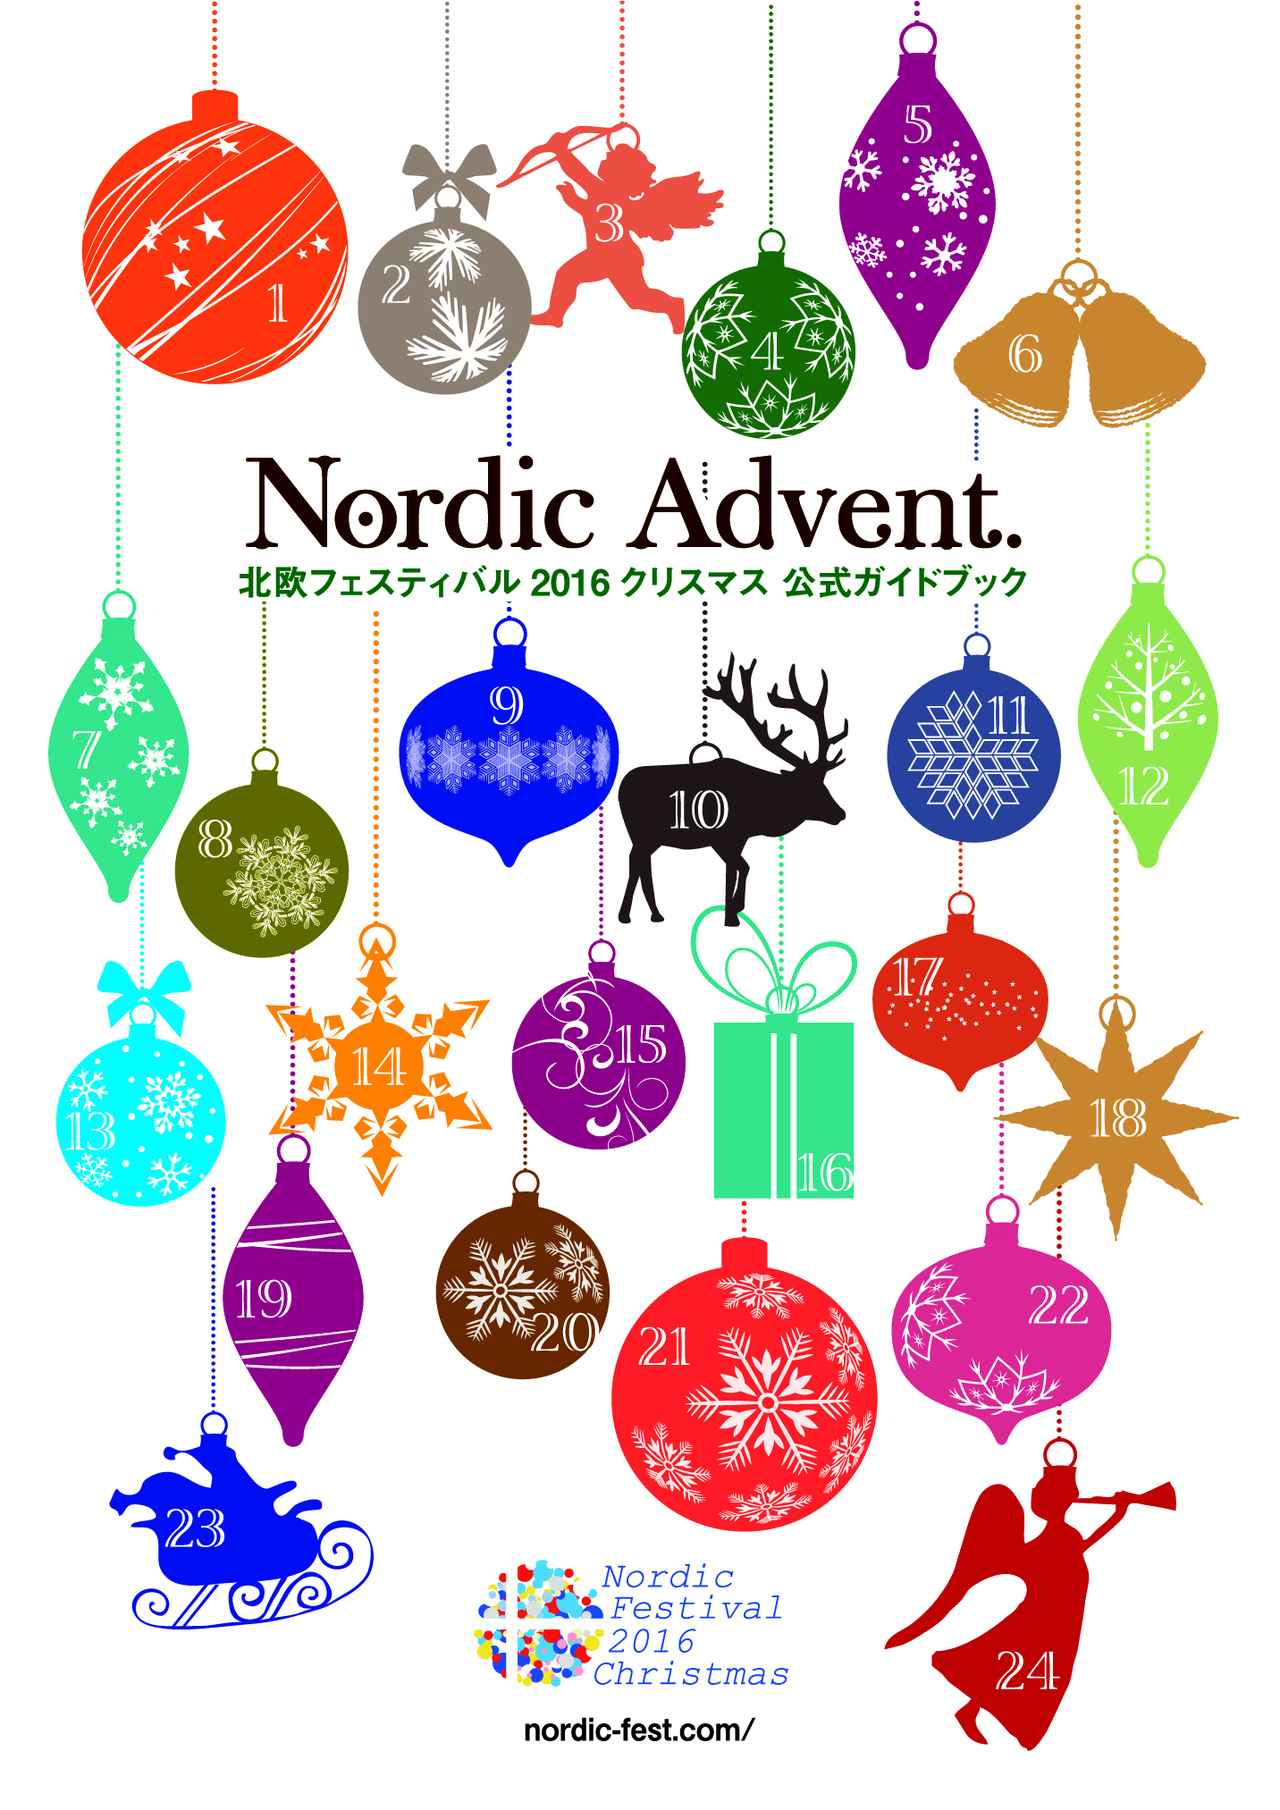 画像1: 北欧文化の祭典『北欧フェスティバル2016クリスマス』